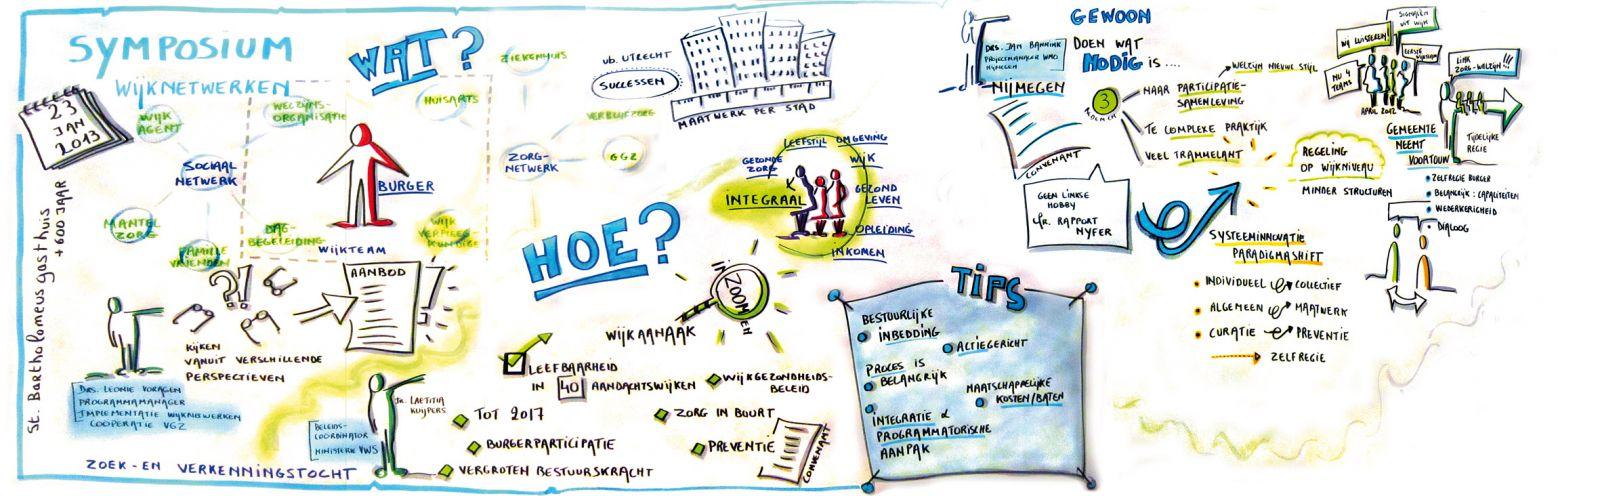 Infographic Wijknetwerk Symposium